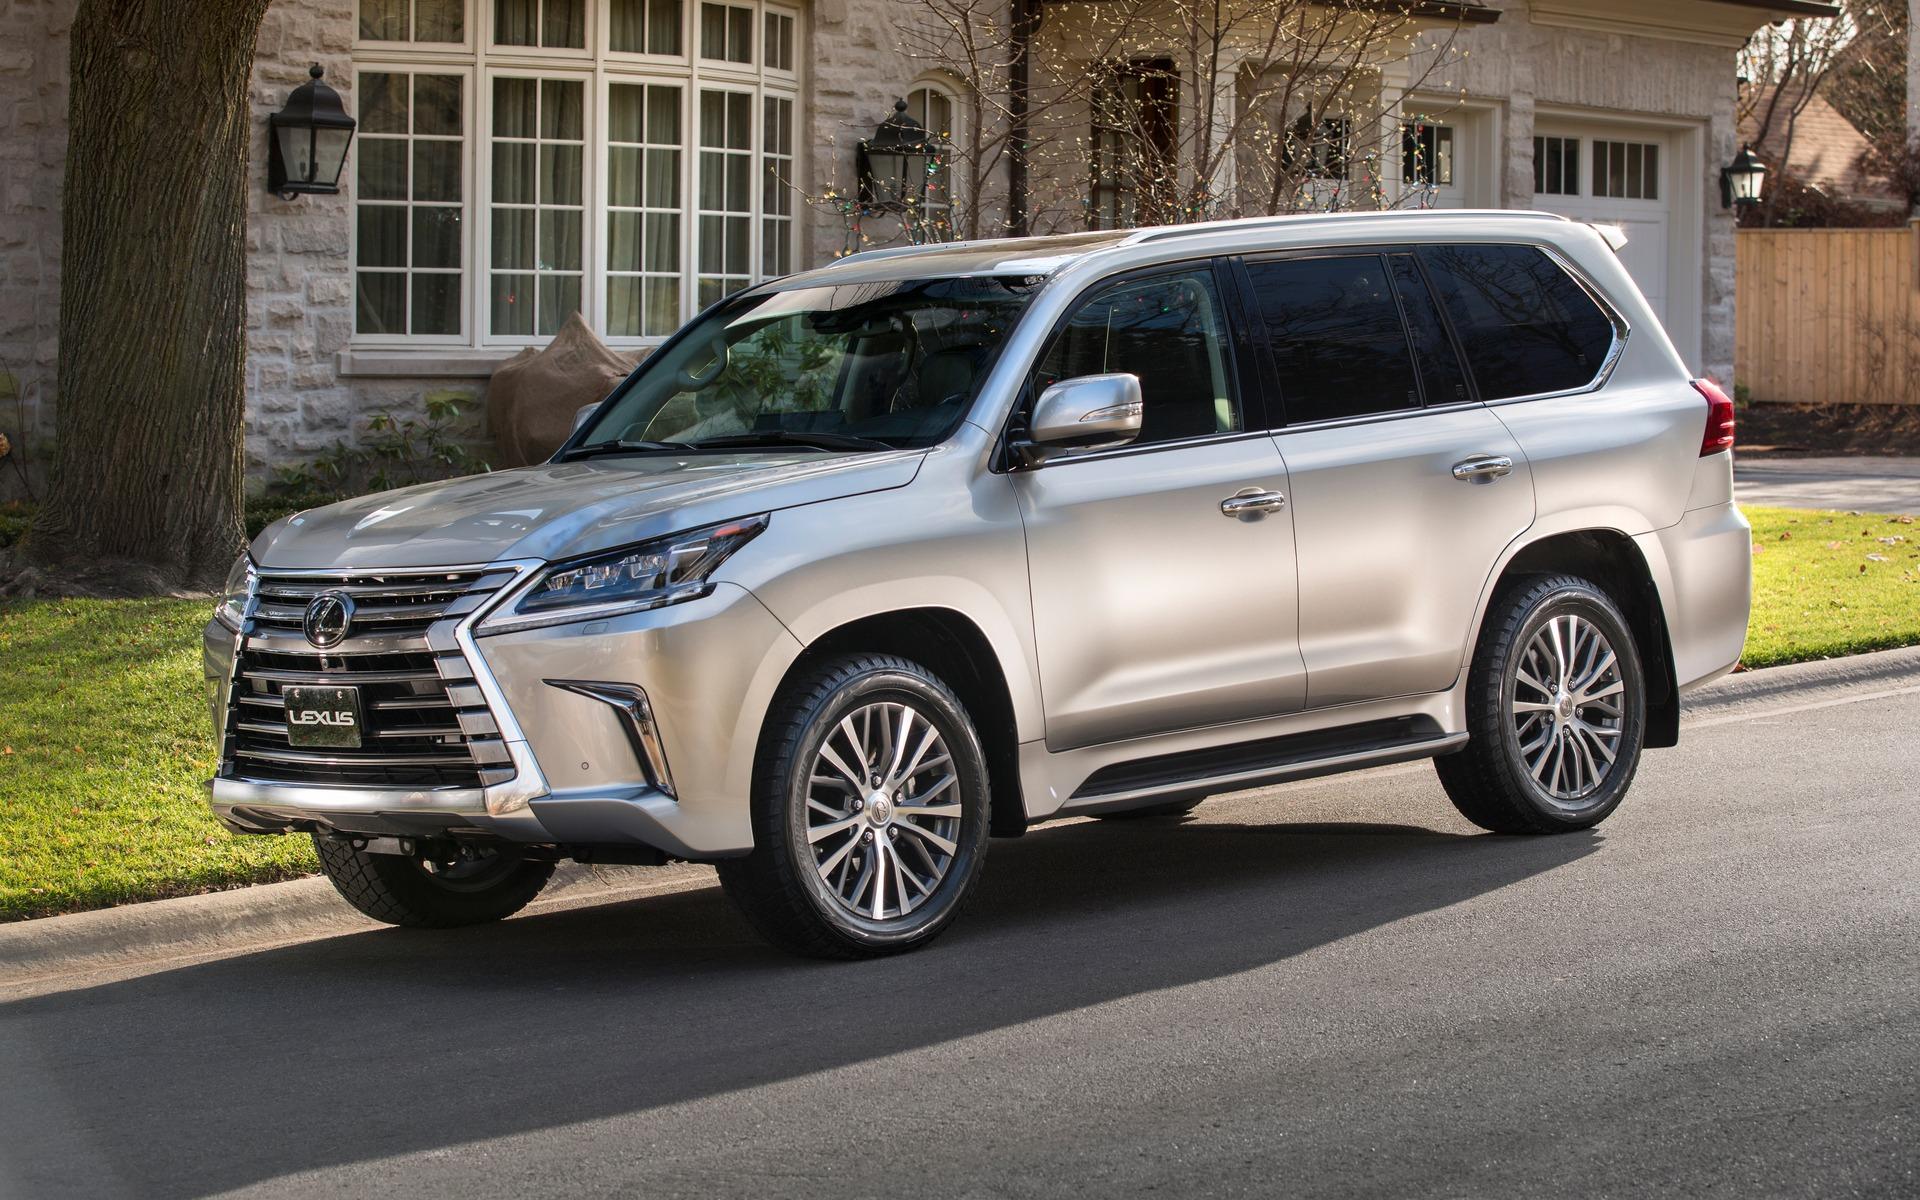 В Российской Федерации увеличились цены наавтомобили Лексус